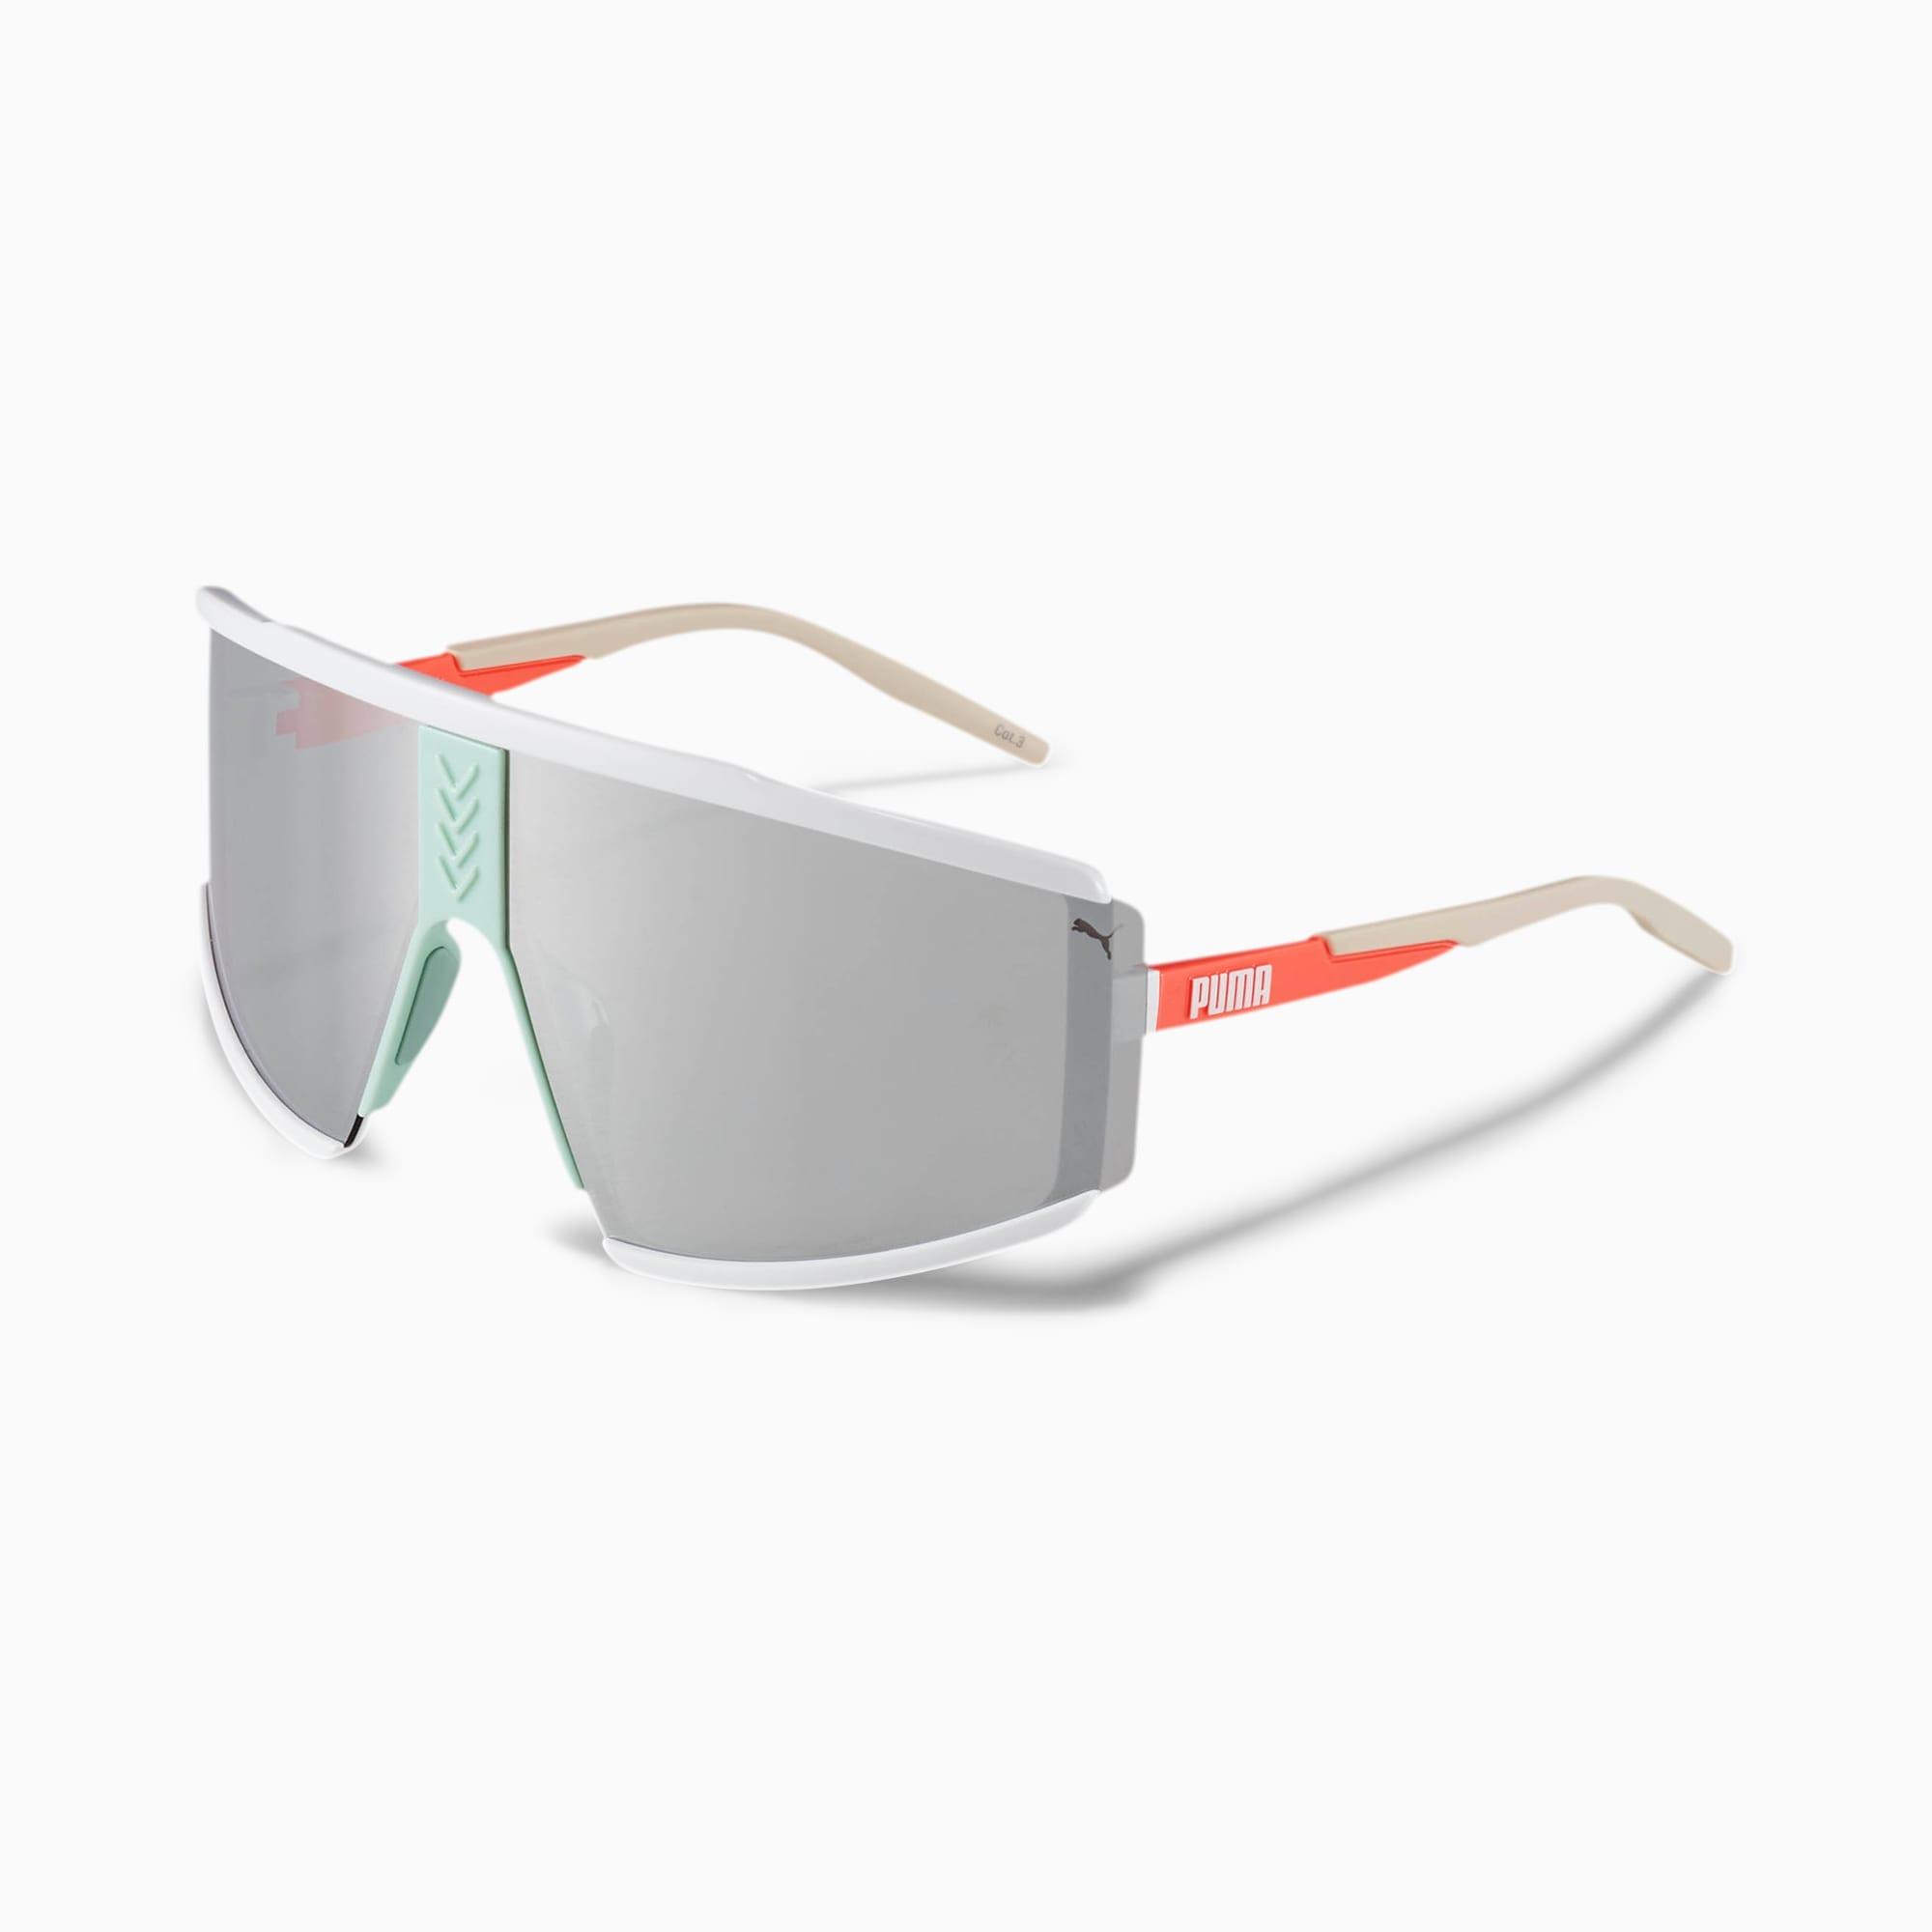 lunettes de soleil speed-up, blanc/orange/argent, accessoires